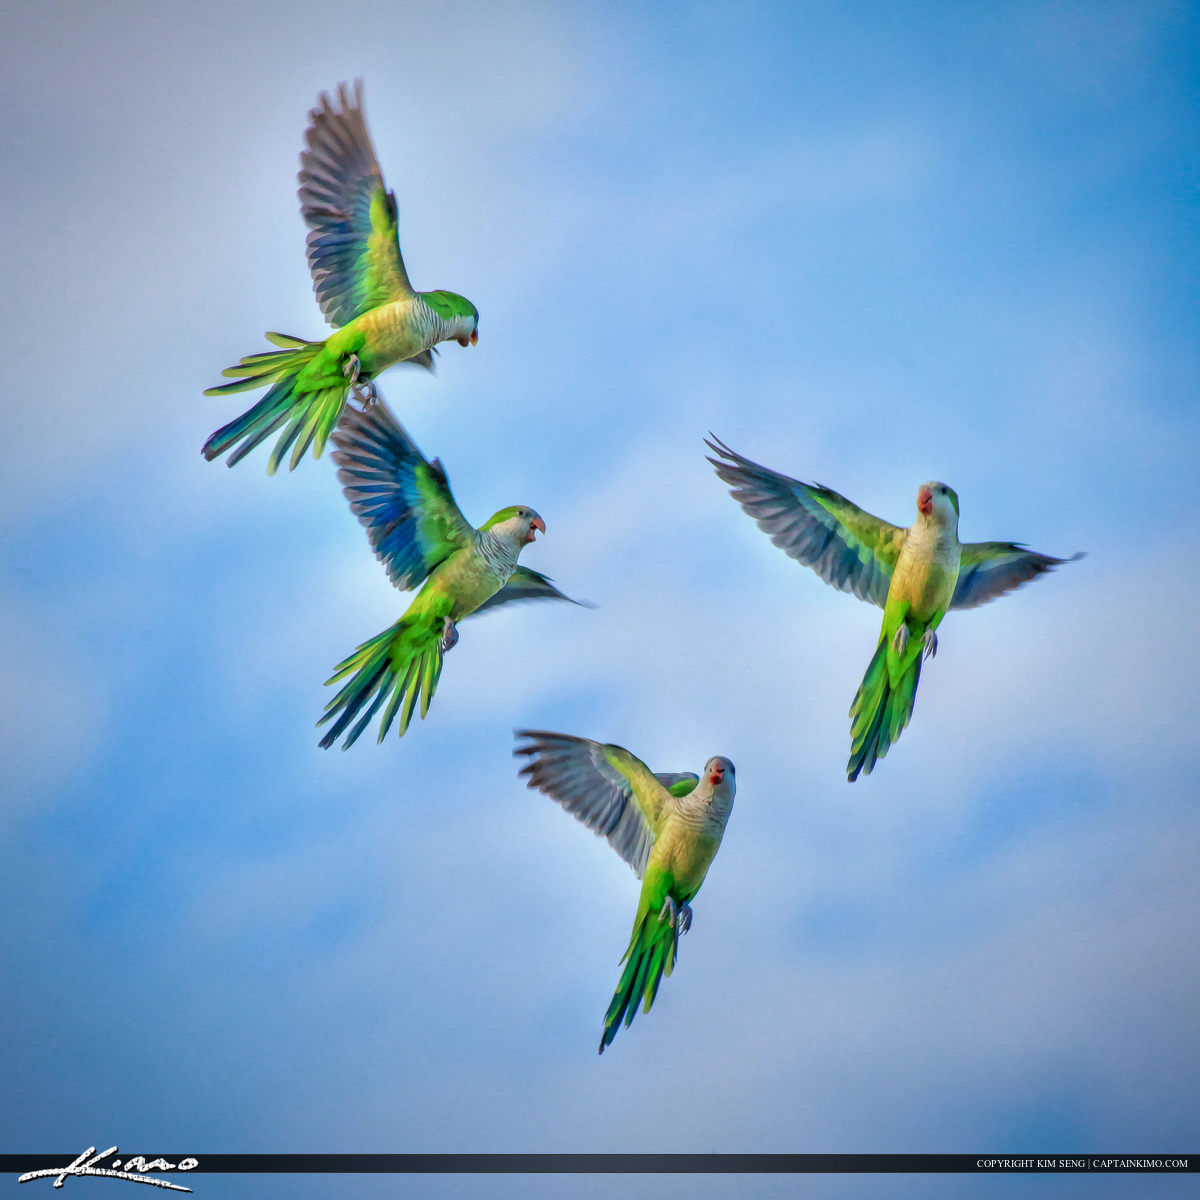 Monk Parakeet Flying Flying in Sky